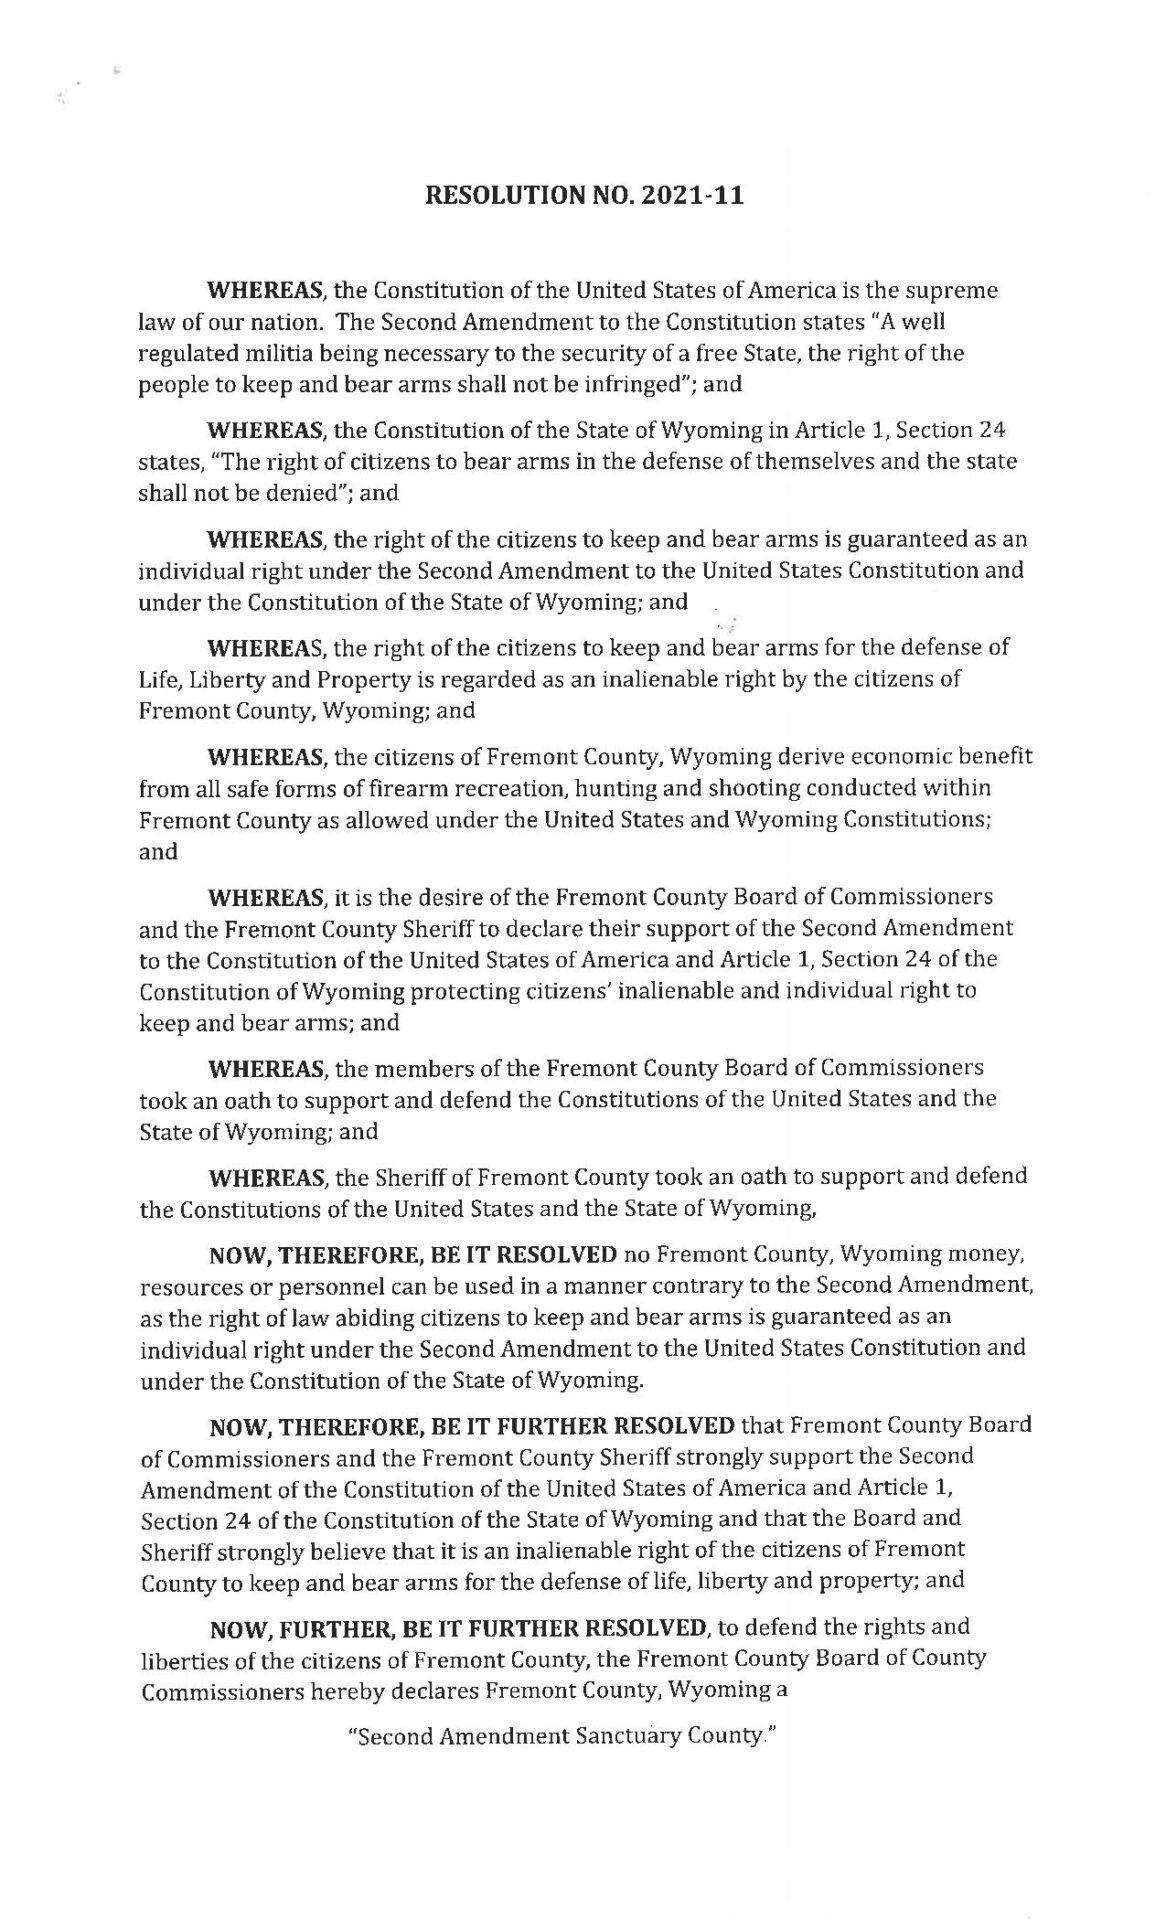 RES-2021-11 Second Amendment Sanctuary Fremont Wyoming page 1